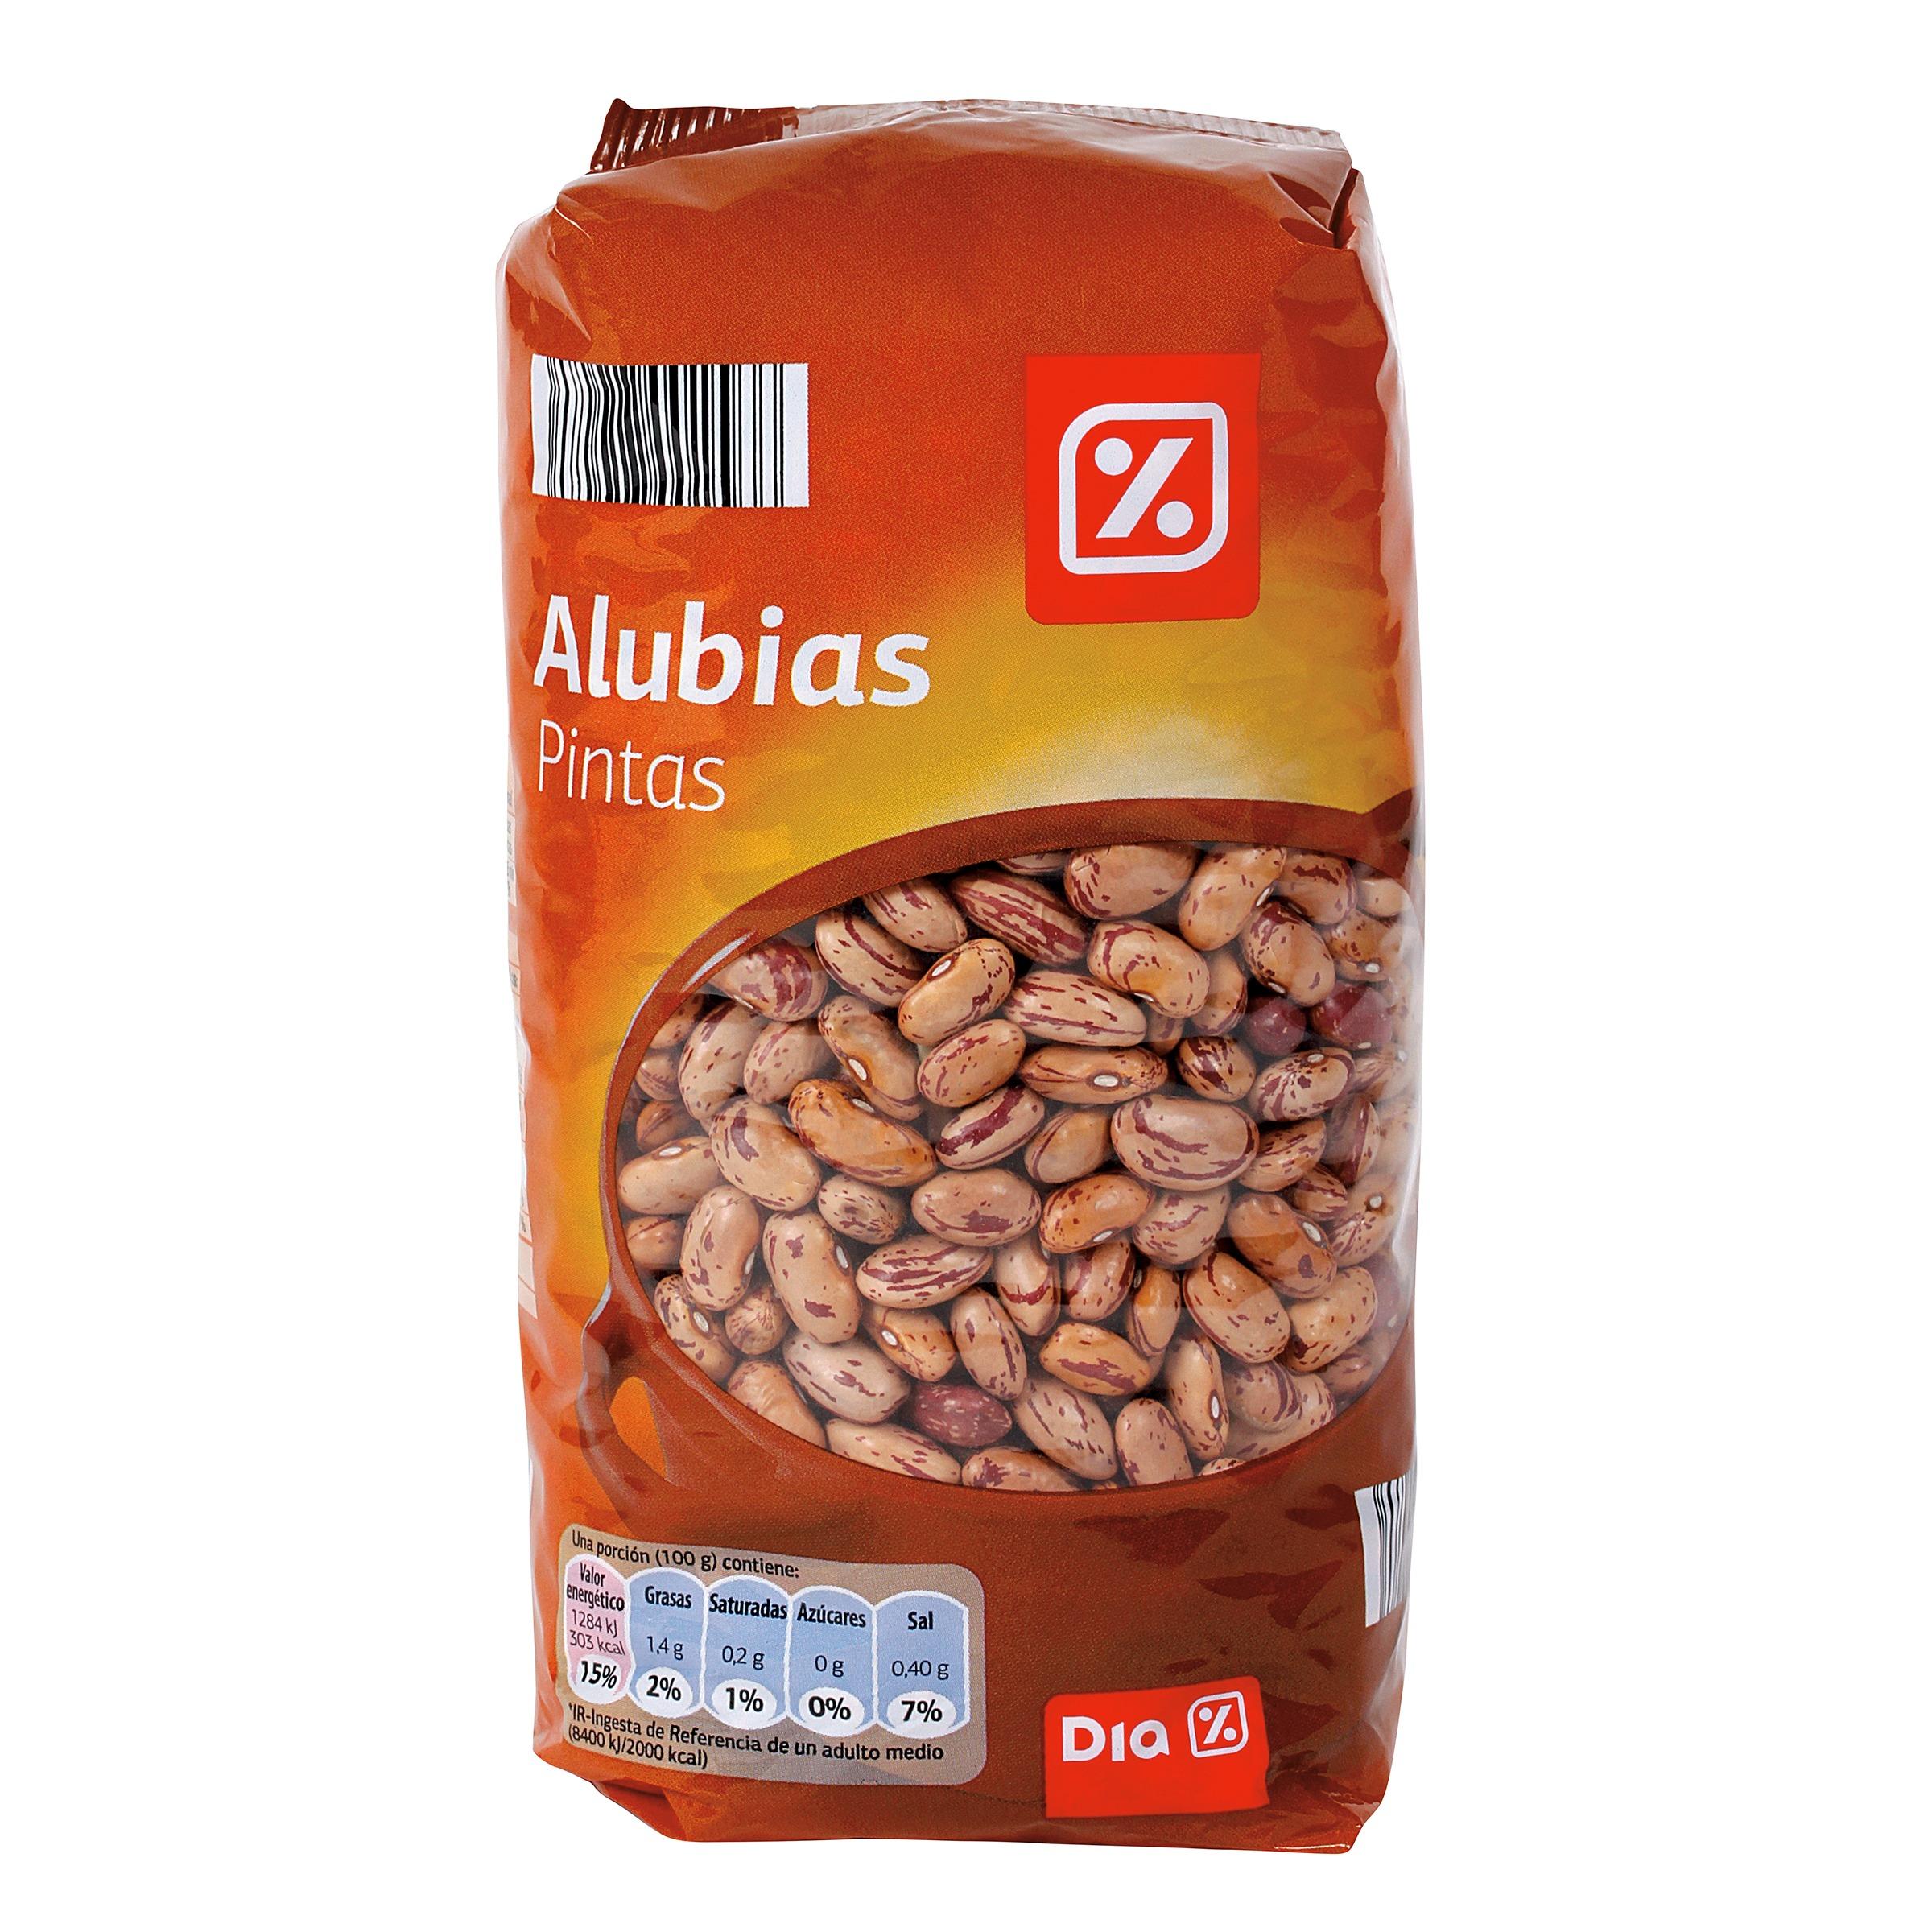 Dia judias pintas bolsa 1 k alubias supermercados dia - Guiso de judias pintas ...